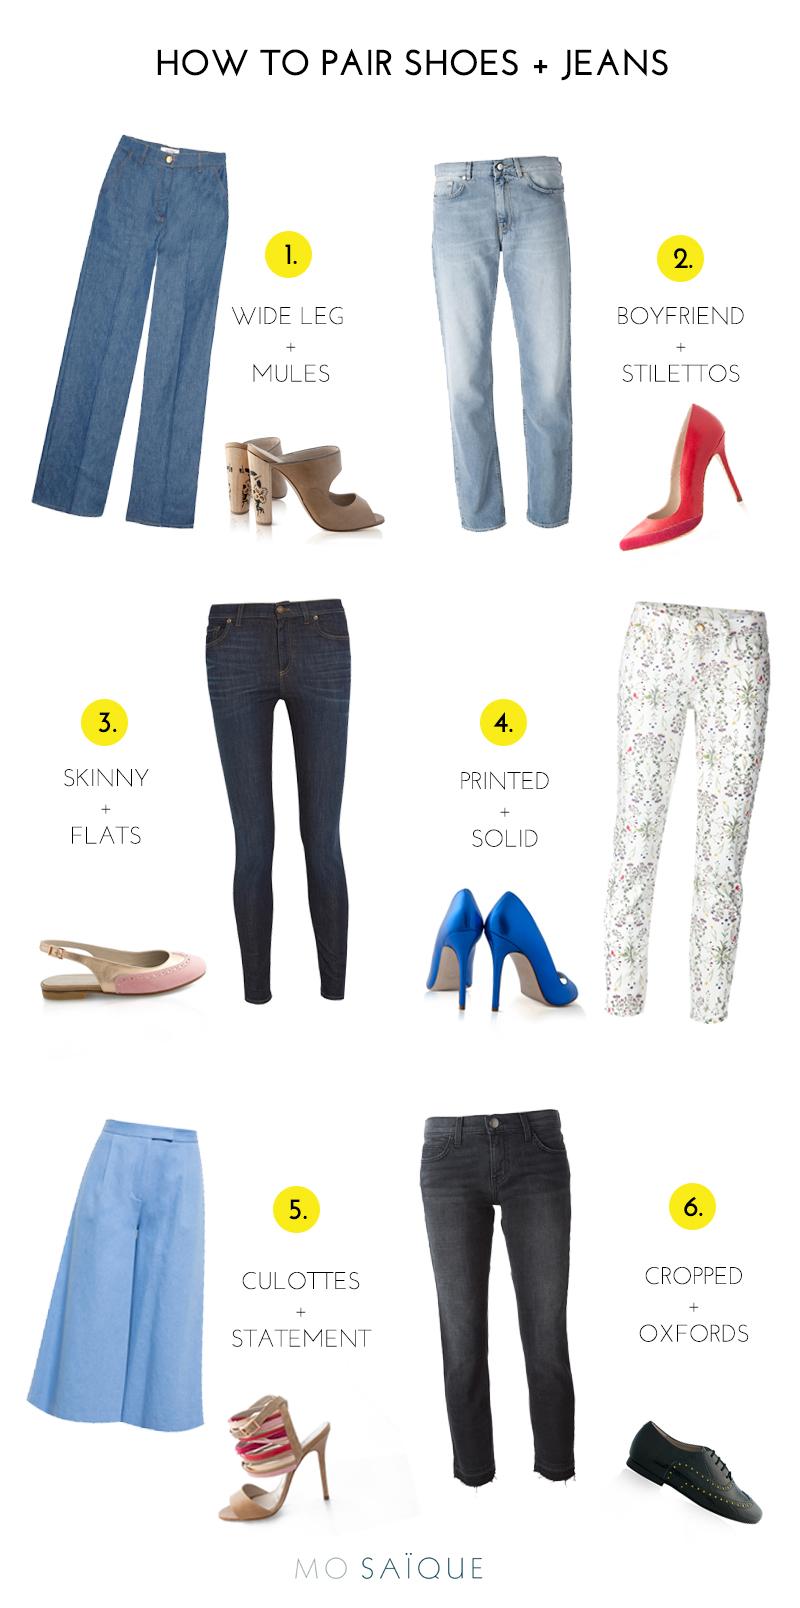 caa5da65b829a5 Shoes + jeans, a pairing guide